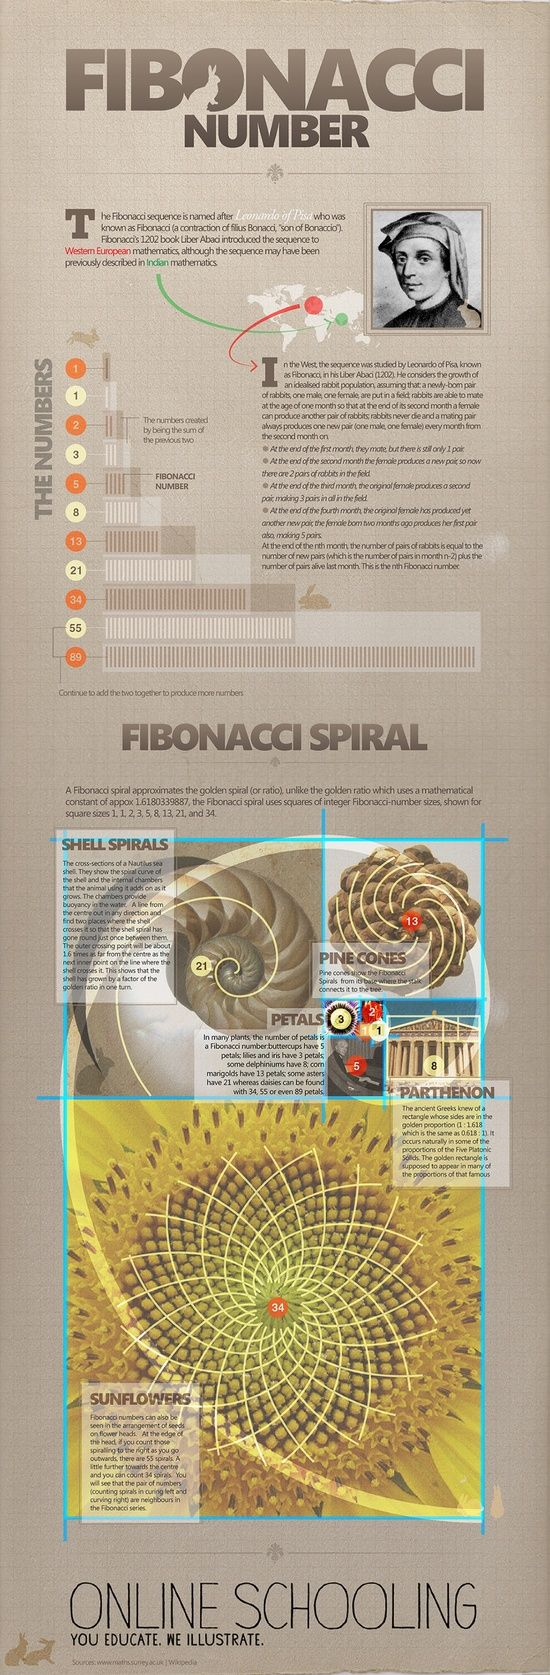 Fibonacci| http://exploringuniversecollections.blogspot.com